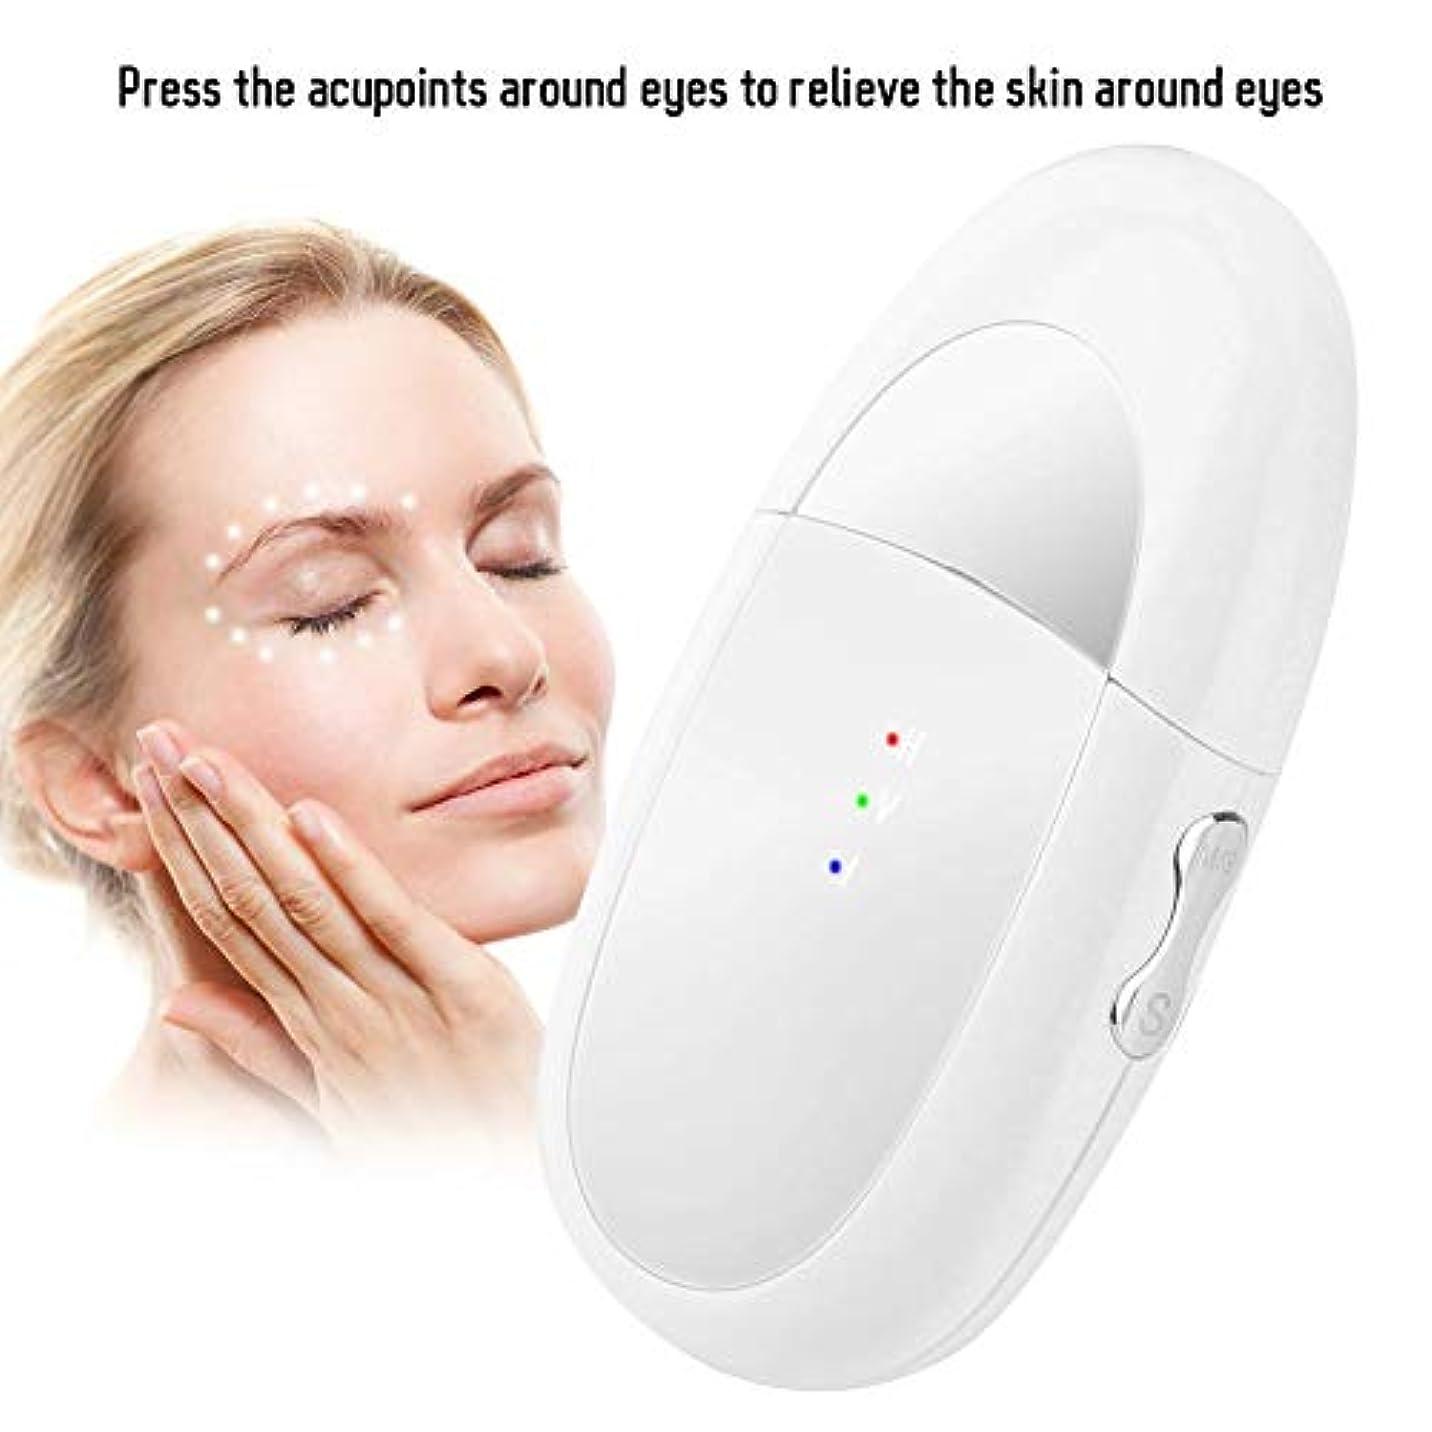 ホバートパイプラインバリケードアイマッサージャー、2 in 1 Eye&Lipマッサージャーイオンインポートバイブレーションマッサージャーは、ダークサークルとむくみを緩和しますEyes&Lips Care Device